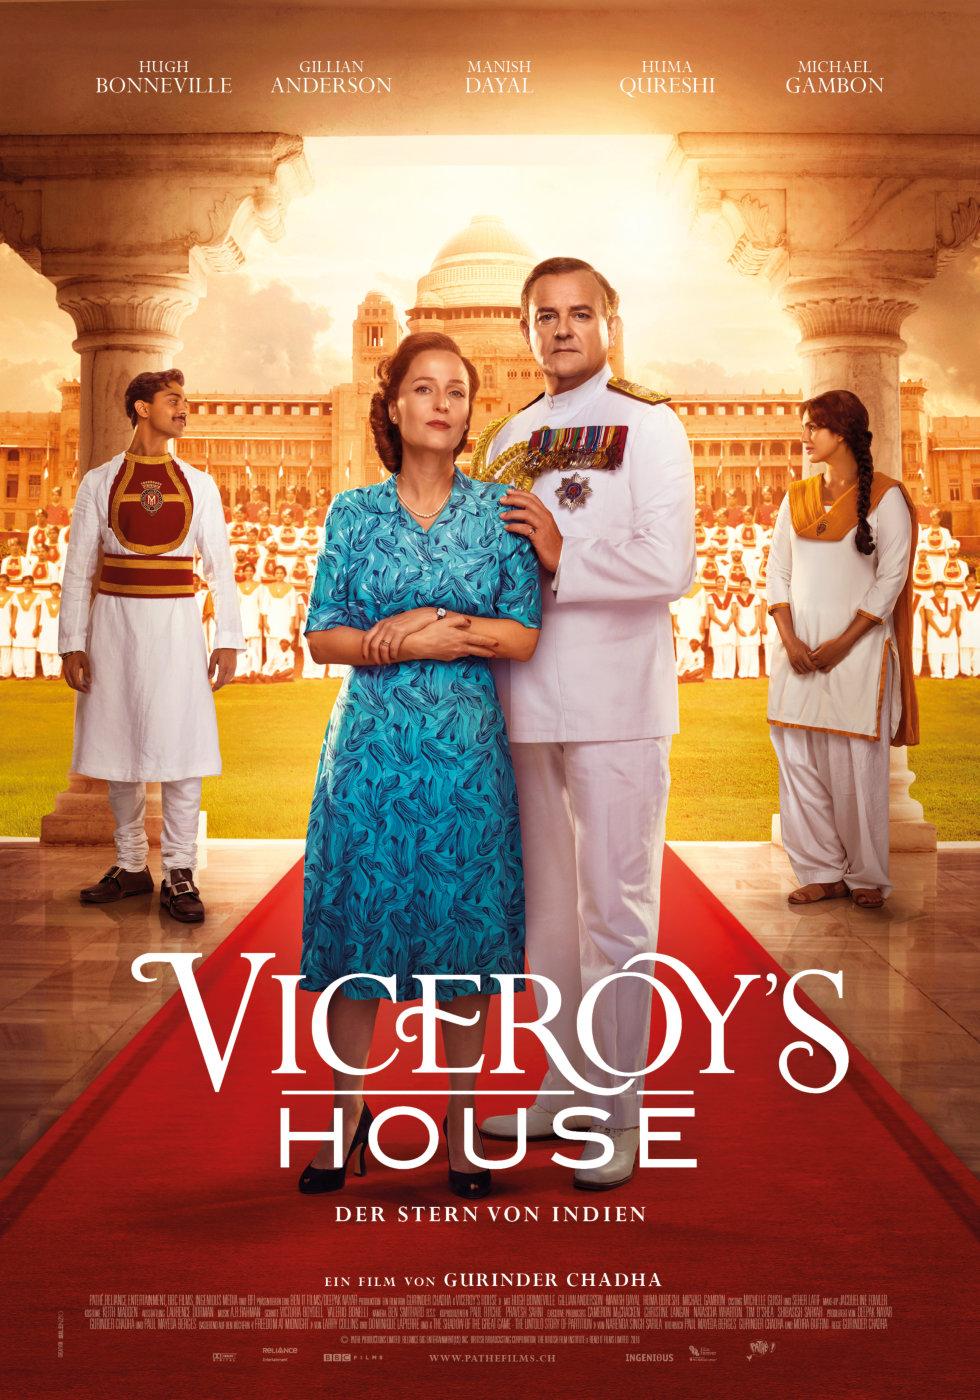 VICEROY'S HOUSE – DER STERN VON INDIEN